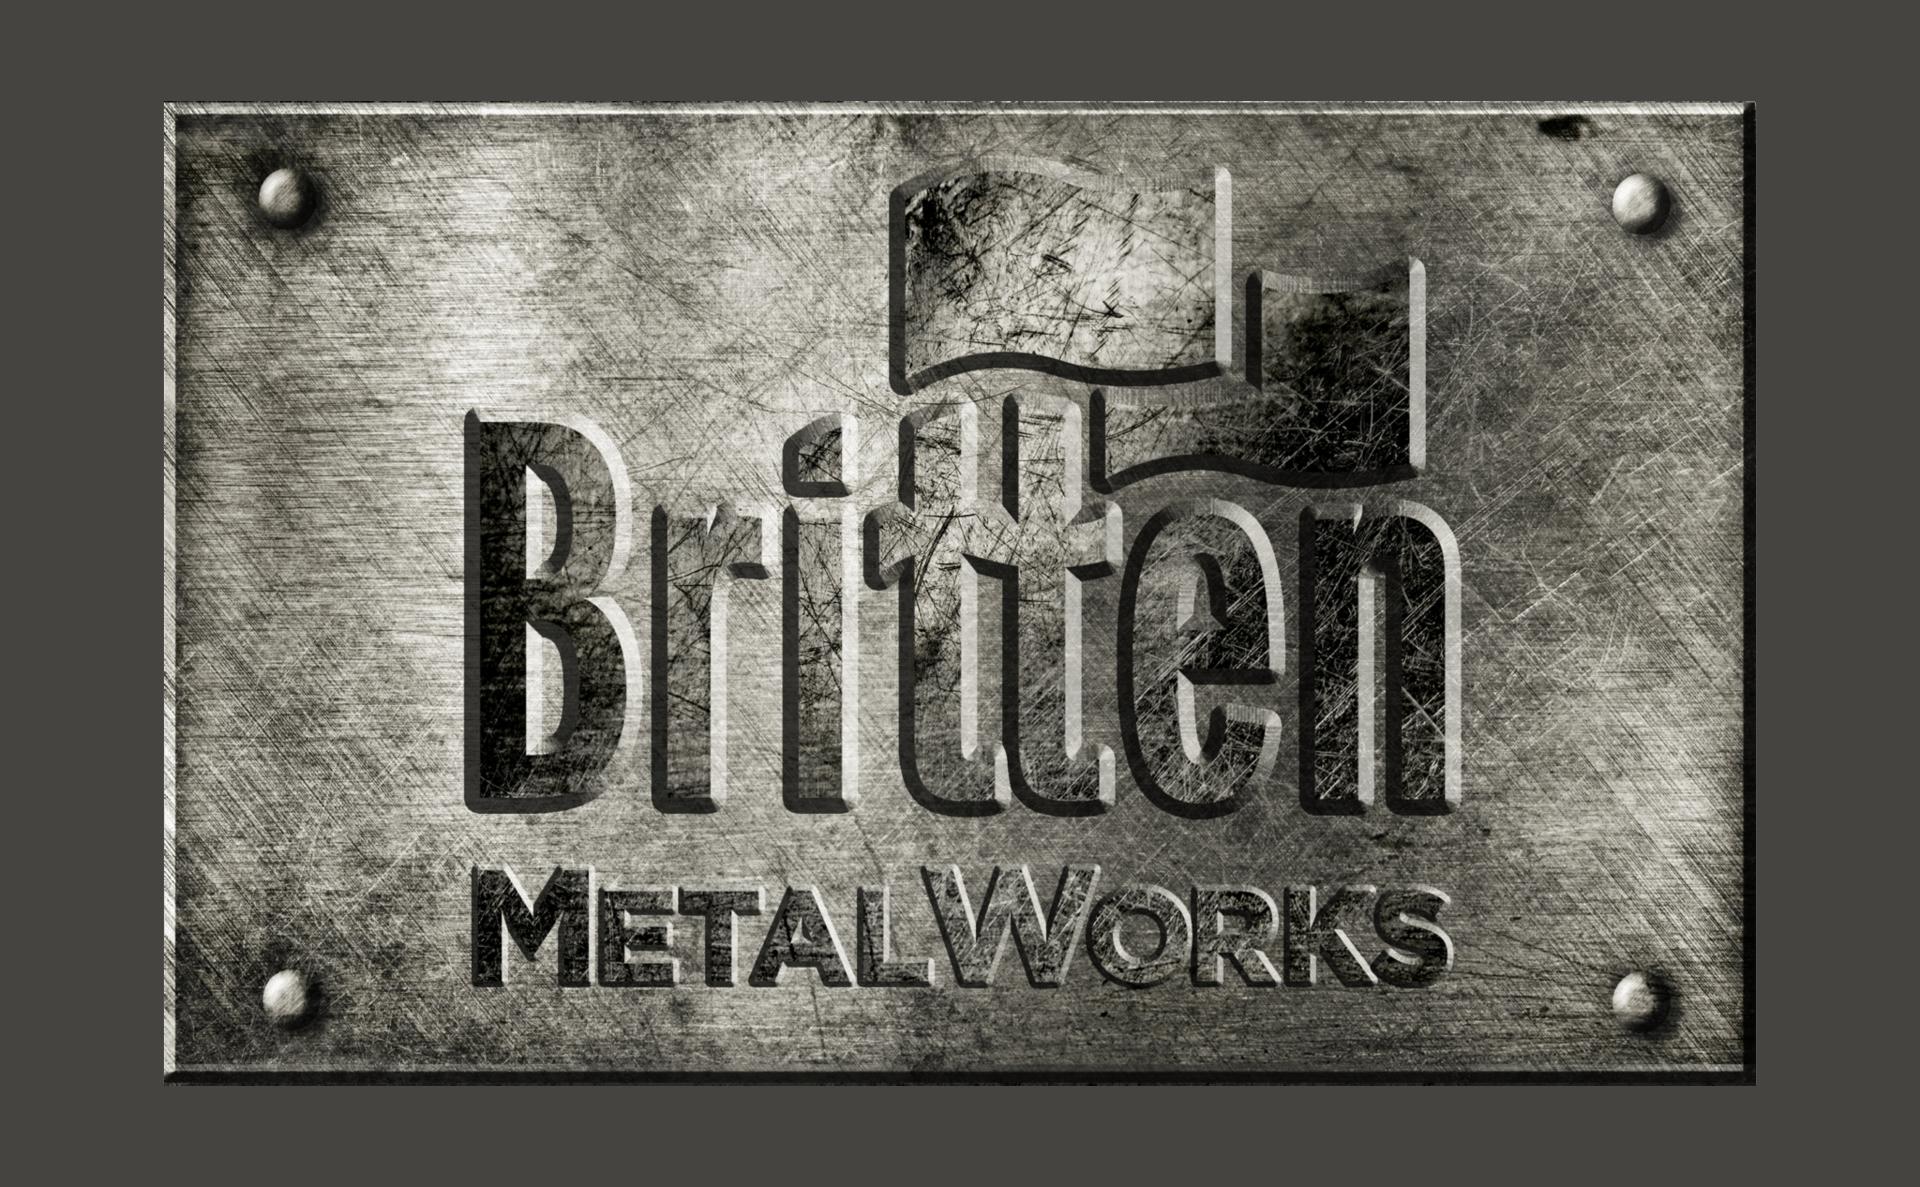 britten metalworks logo design